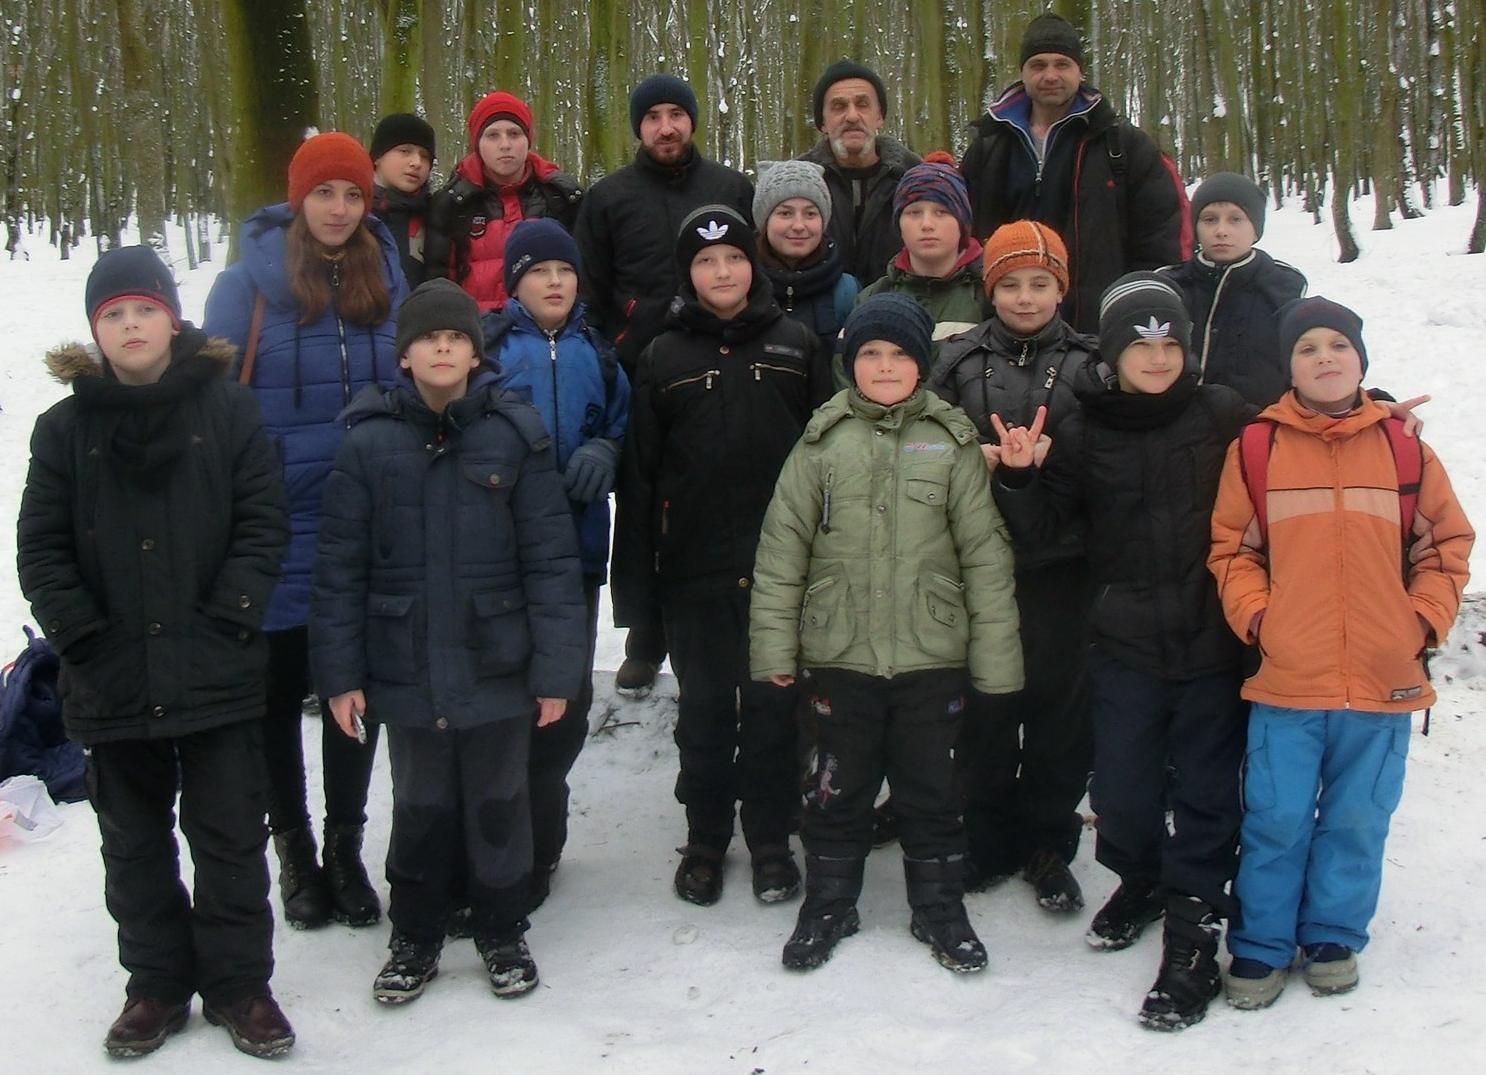 *** Похід до зимового лісу до Дня Соборності України - хмельницькі гопаківці - 22 січня ***